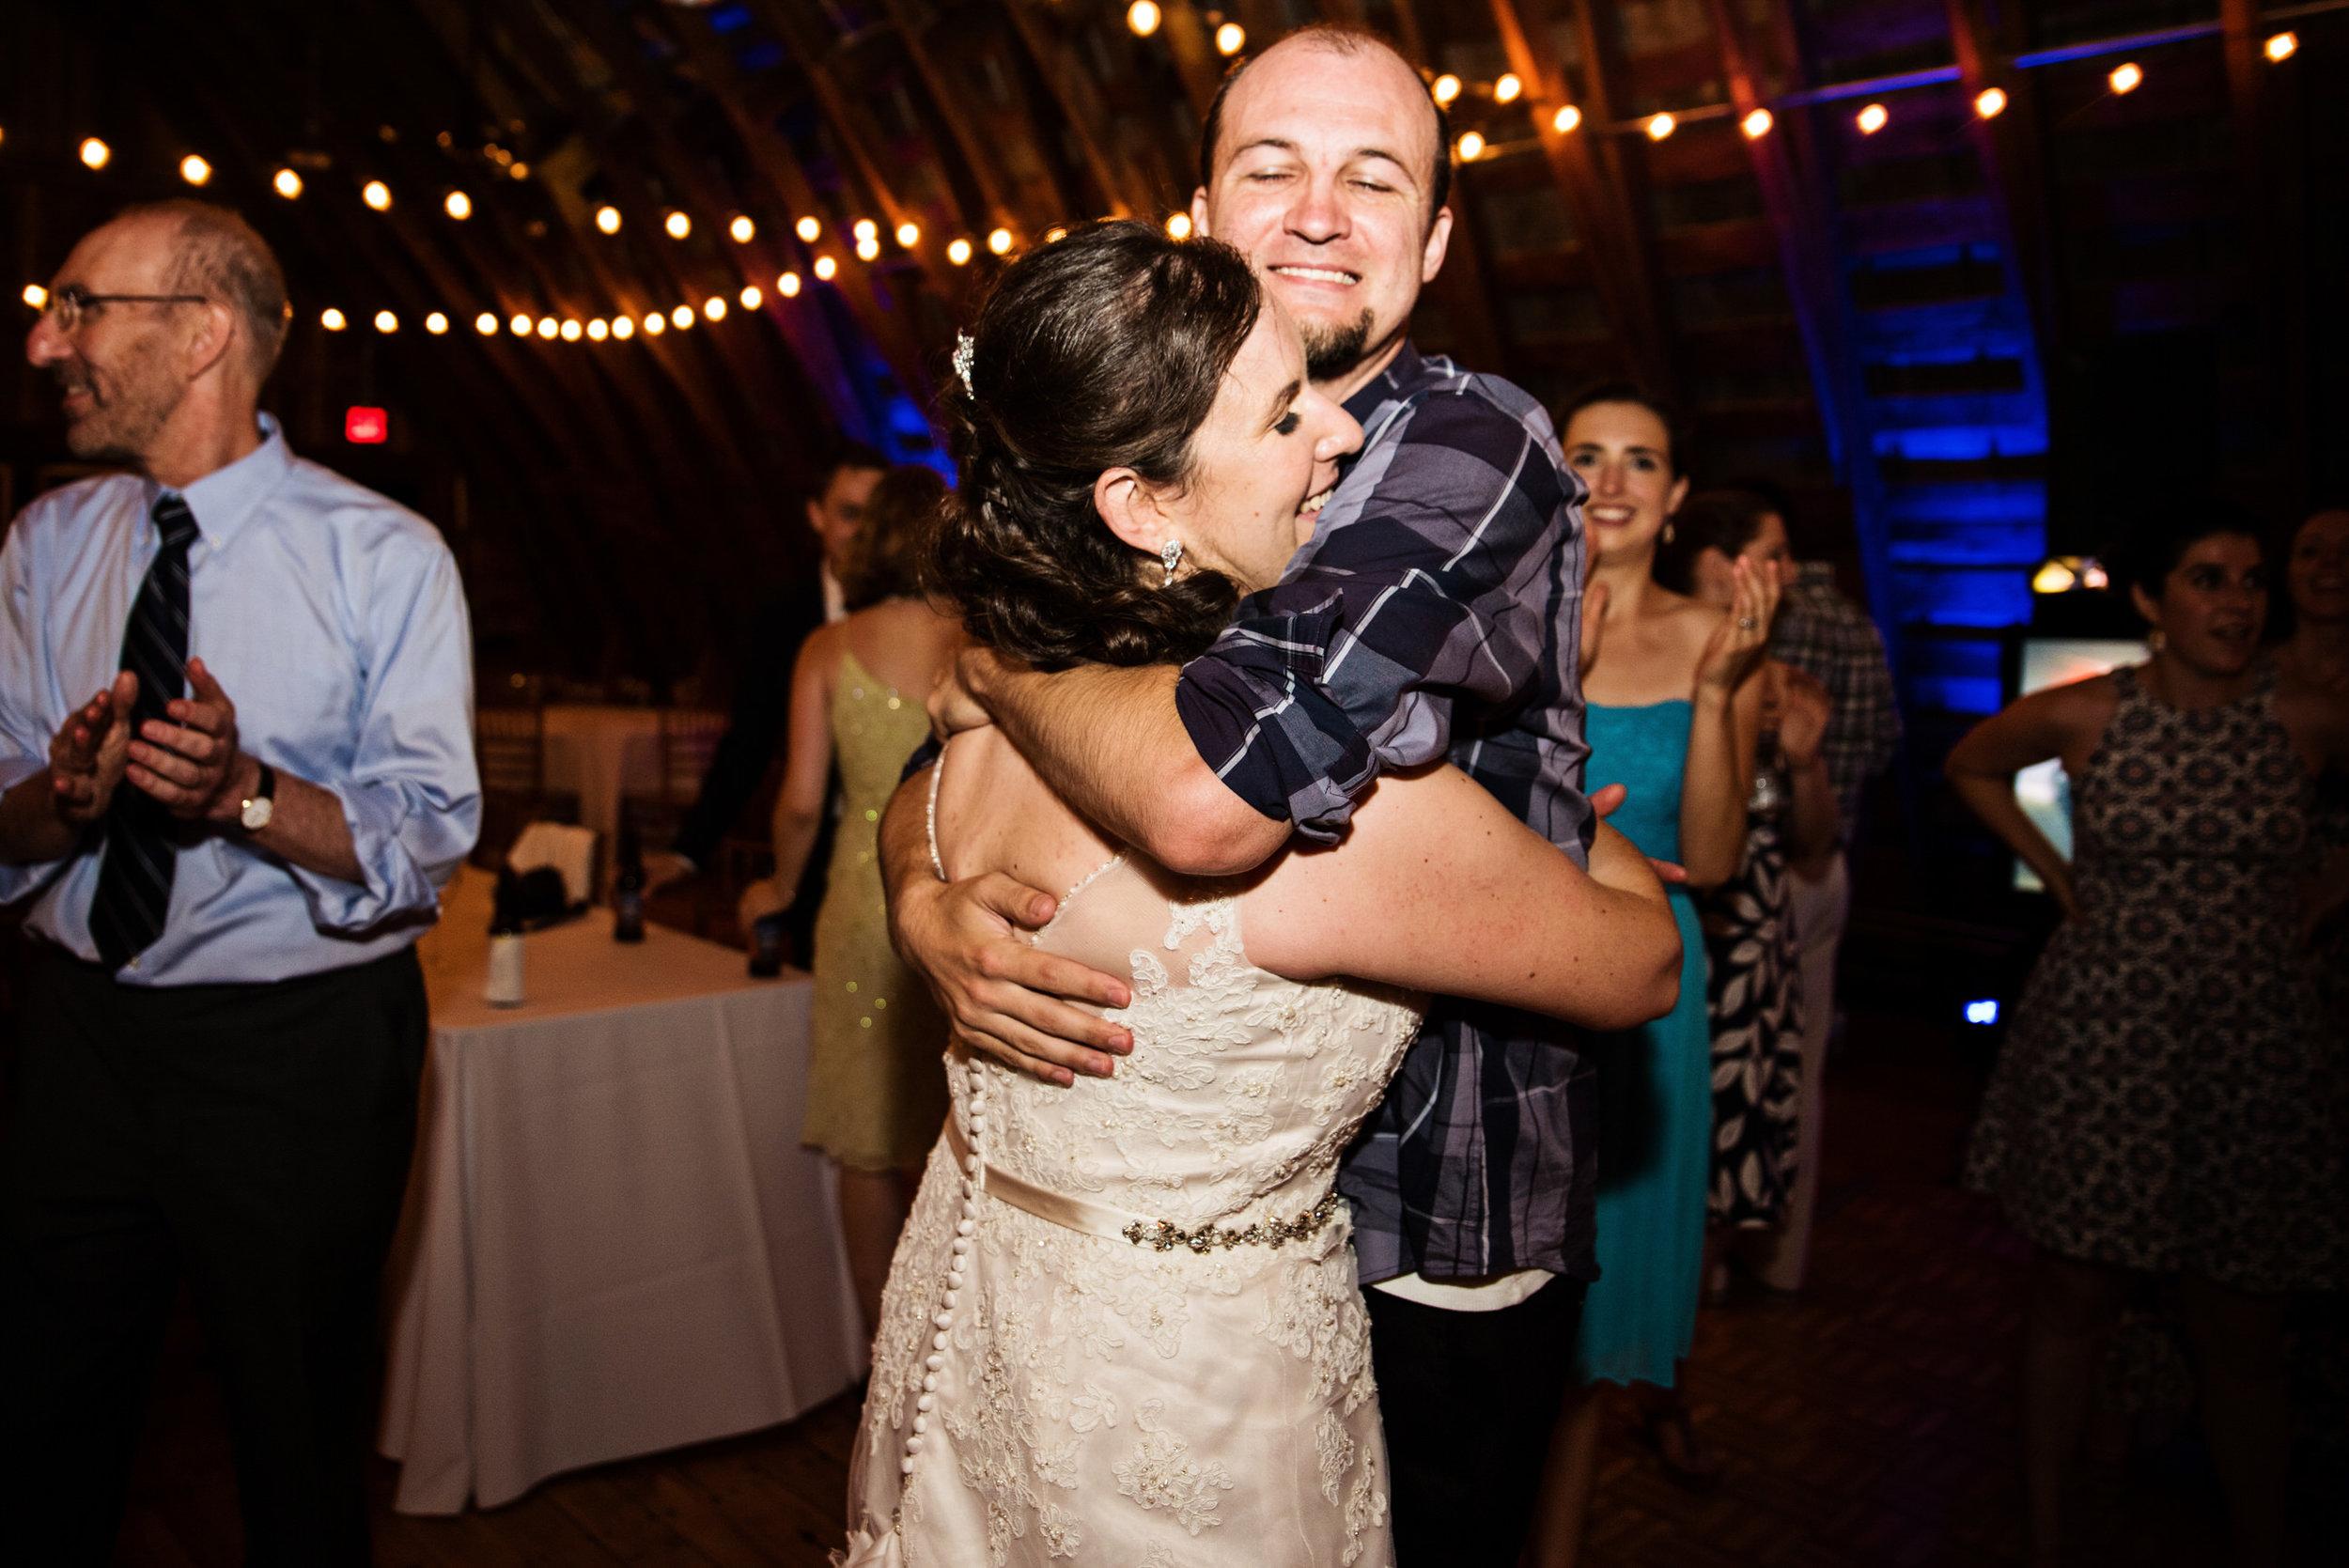 EastLynnFarmWedding-Stephanie&Aaron-Reception-359.jpg